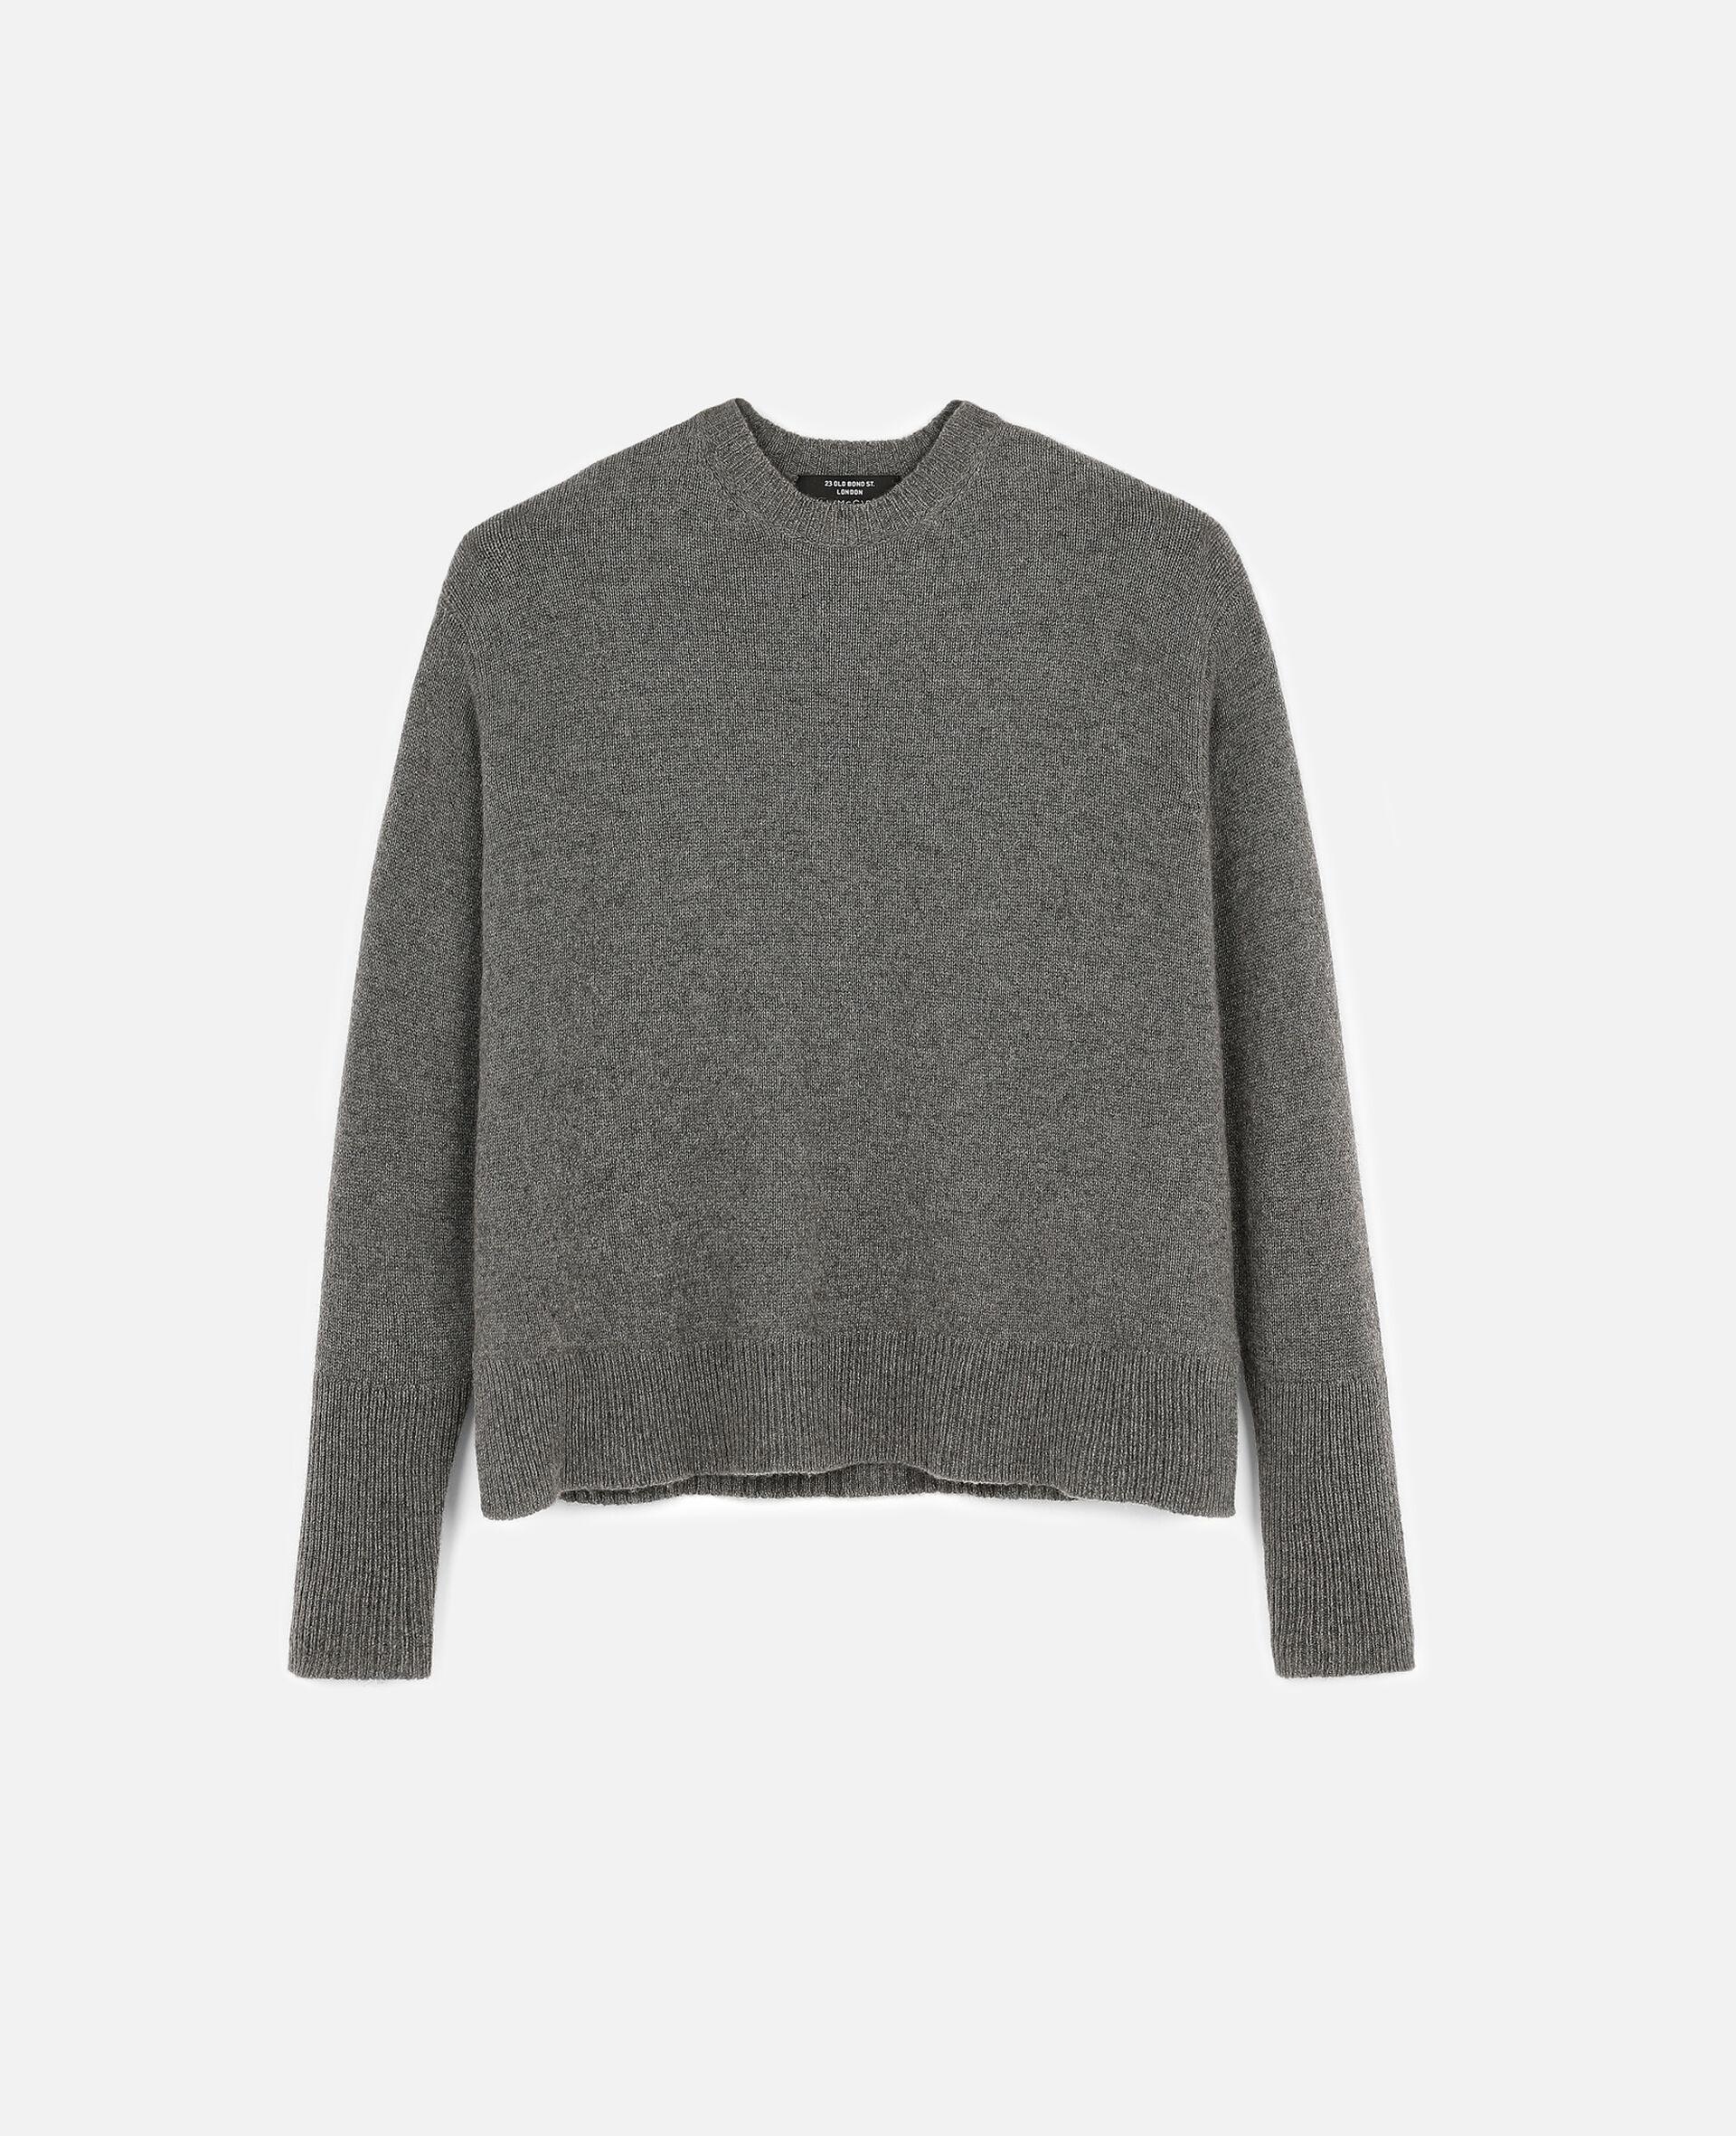 Pullover aus regeneriertem Kaschmir-Grau-large image number 0